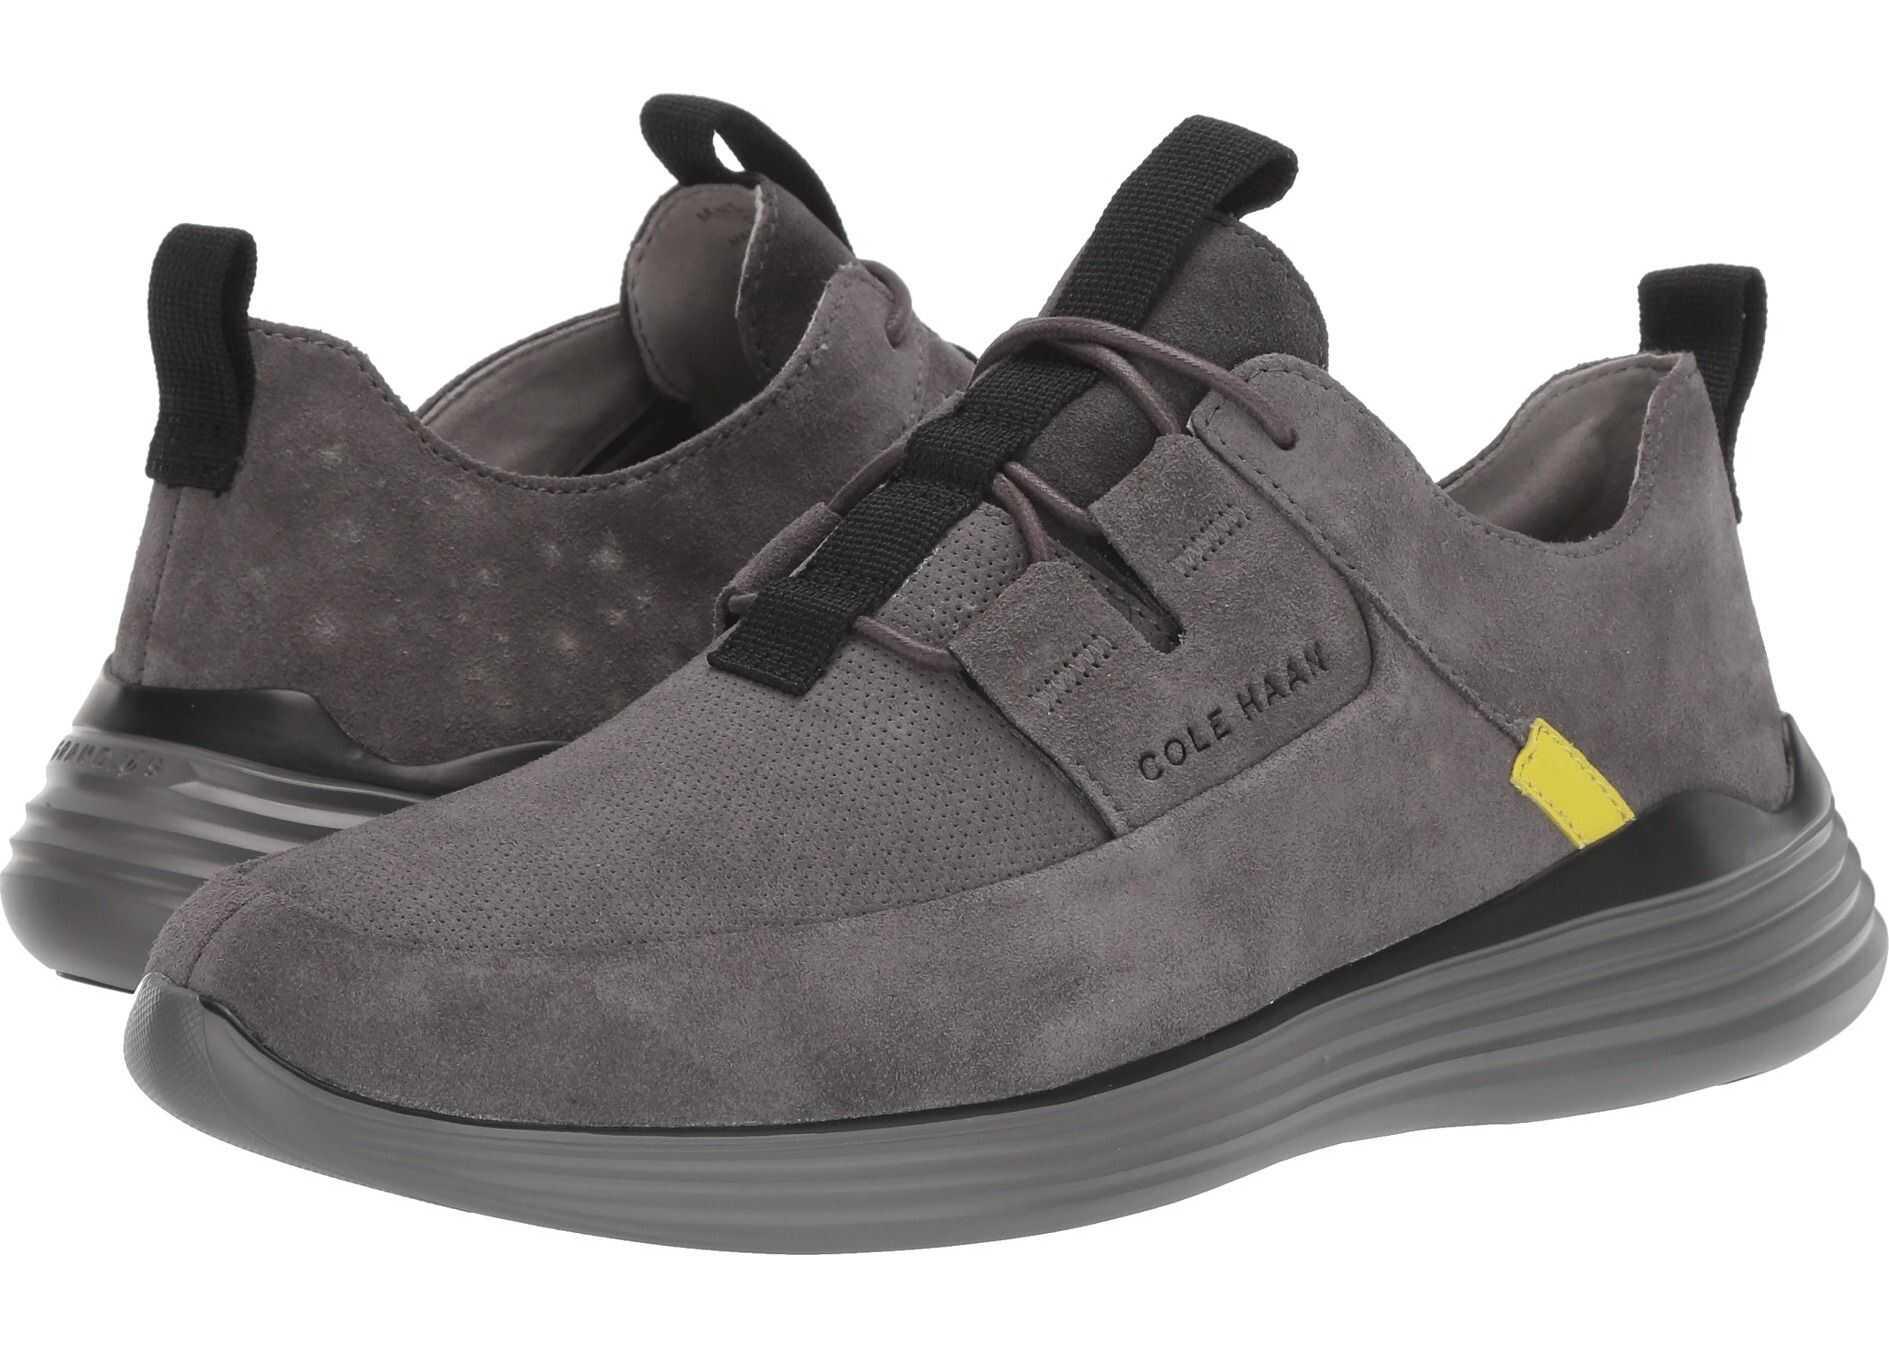 Cole Haan Grandsport Apron Toe Sneaker Quiet Shade/Quiet